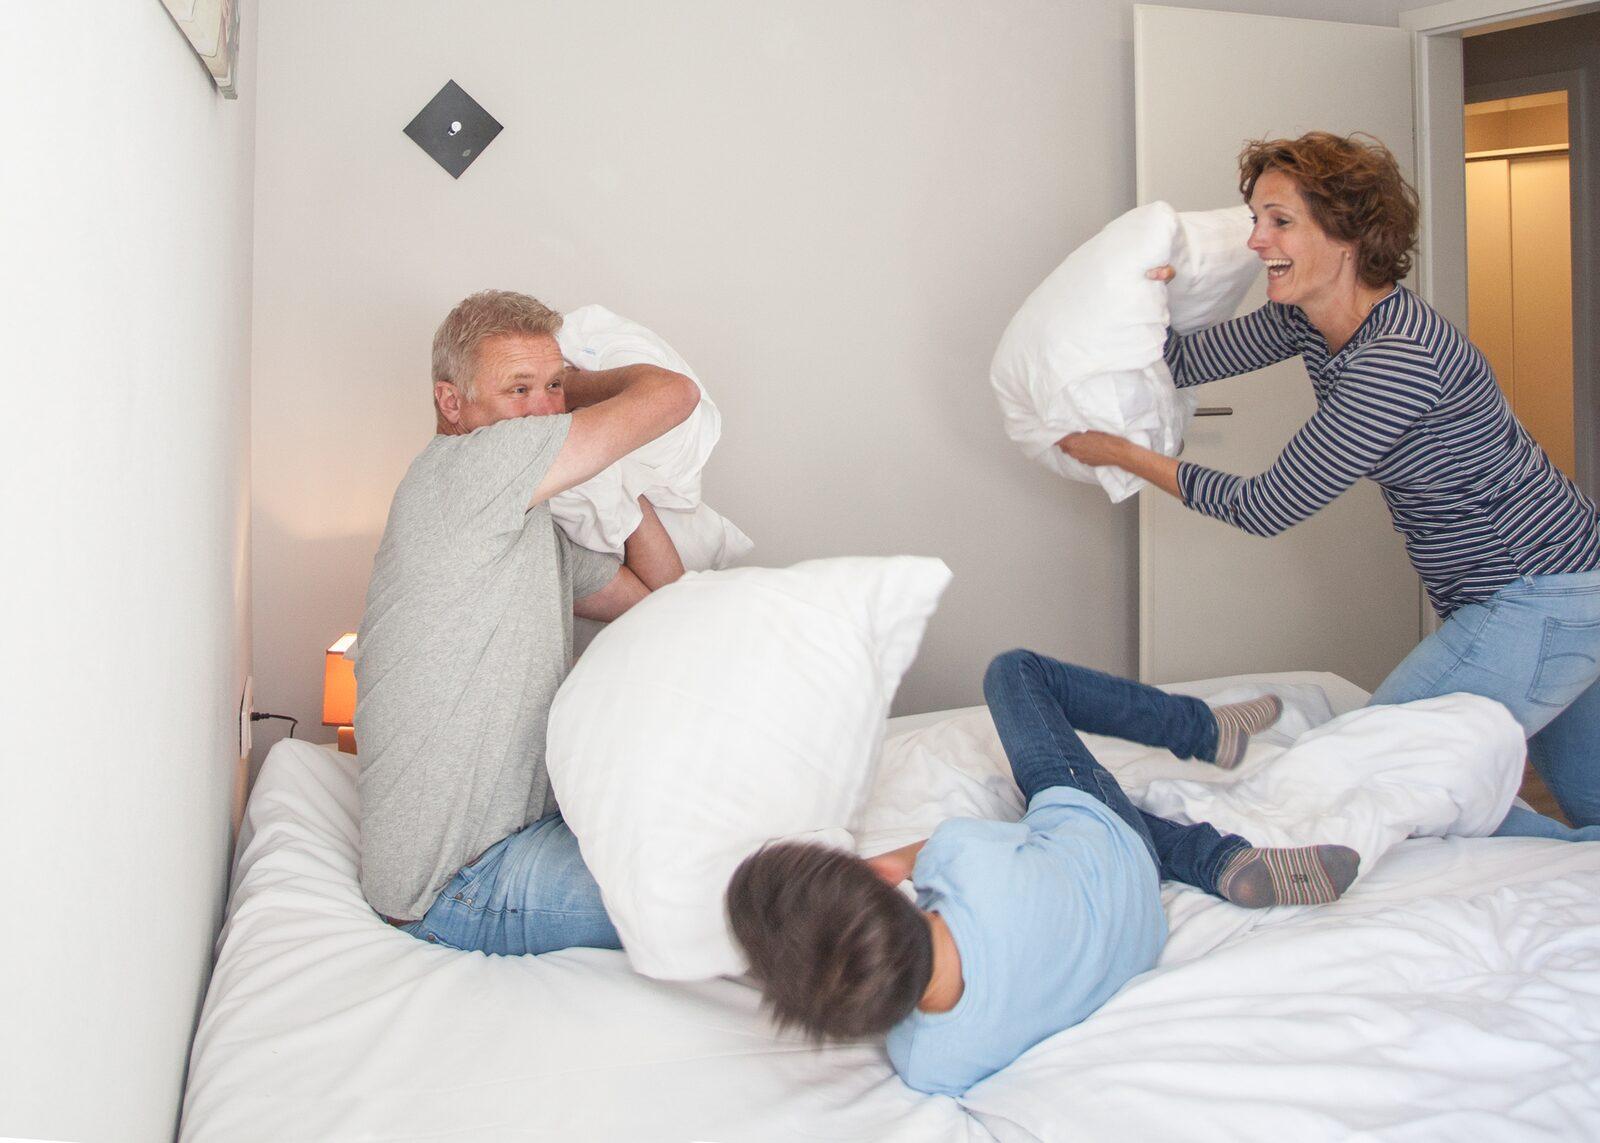 Ferienwohnung(en) - Comfort (8 Personen) [2 FeWo's: 2 x 4-Pers.]